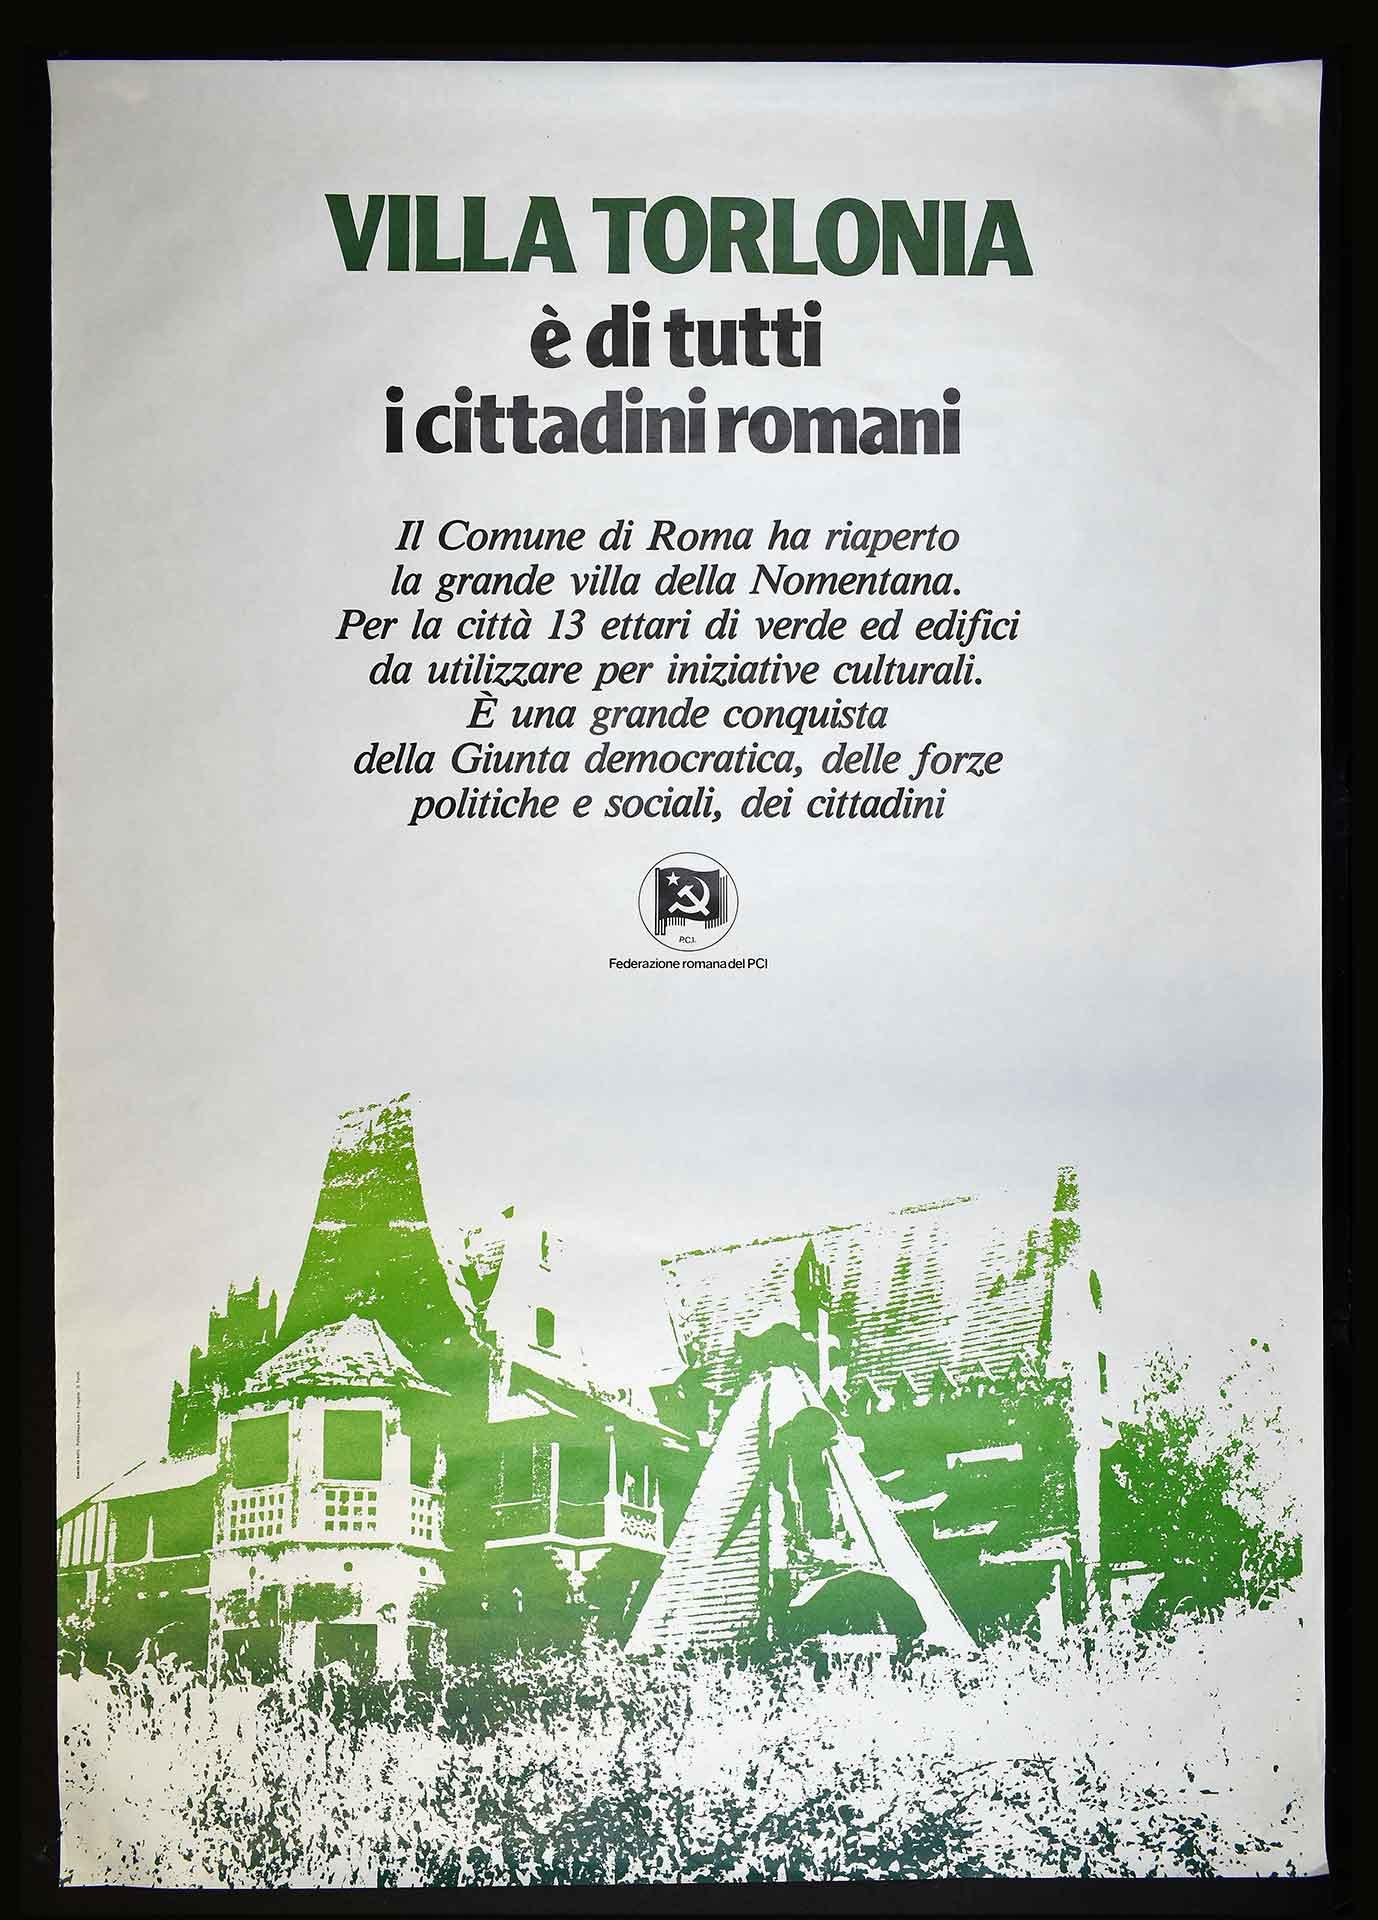 La Federazione romana del Partito comunista italiano (PCI) per la Giunta di sinistra. Stampa Polistampa, Roma. Progetto di D. Turchi. Comunicazione di partito.